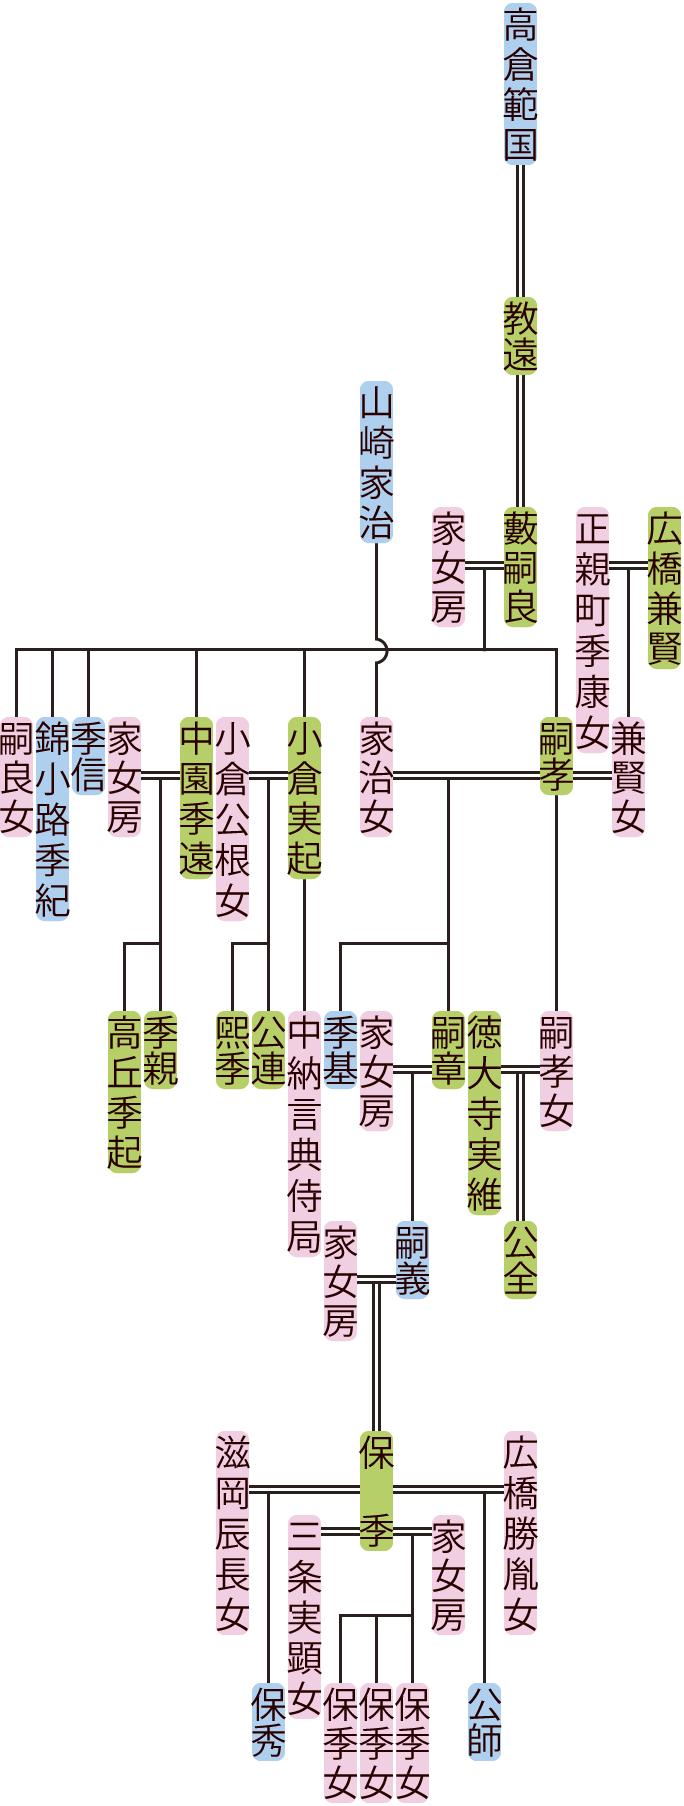 藪嗣良~嗣義の系図